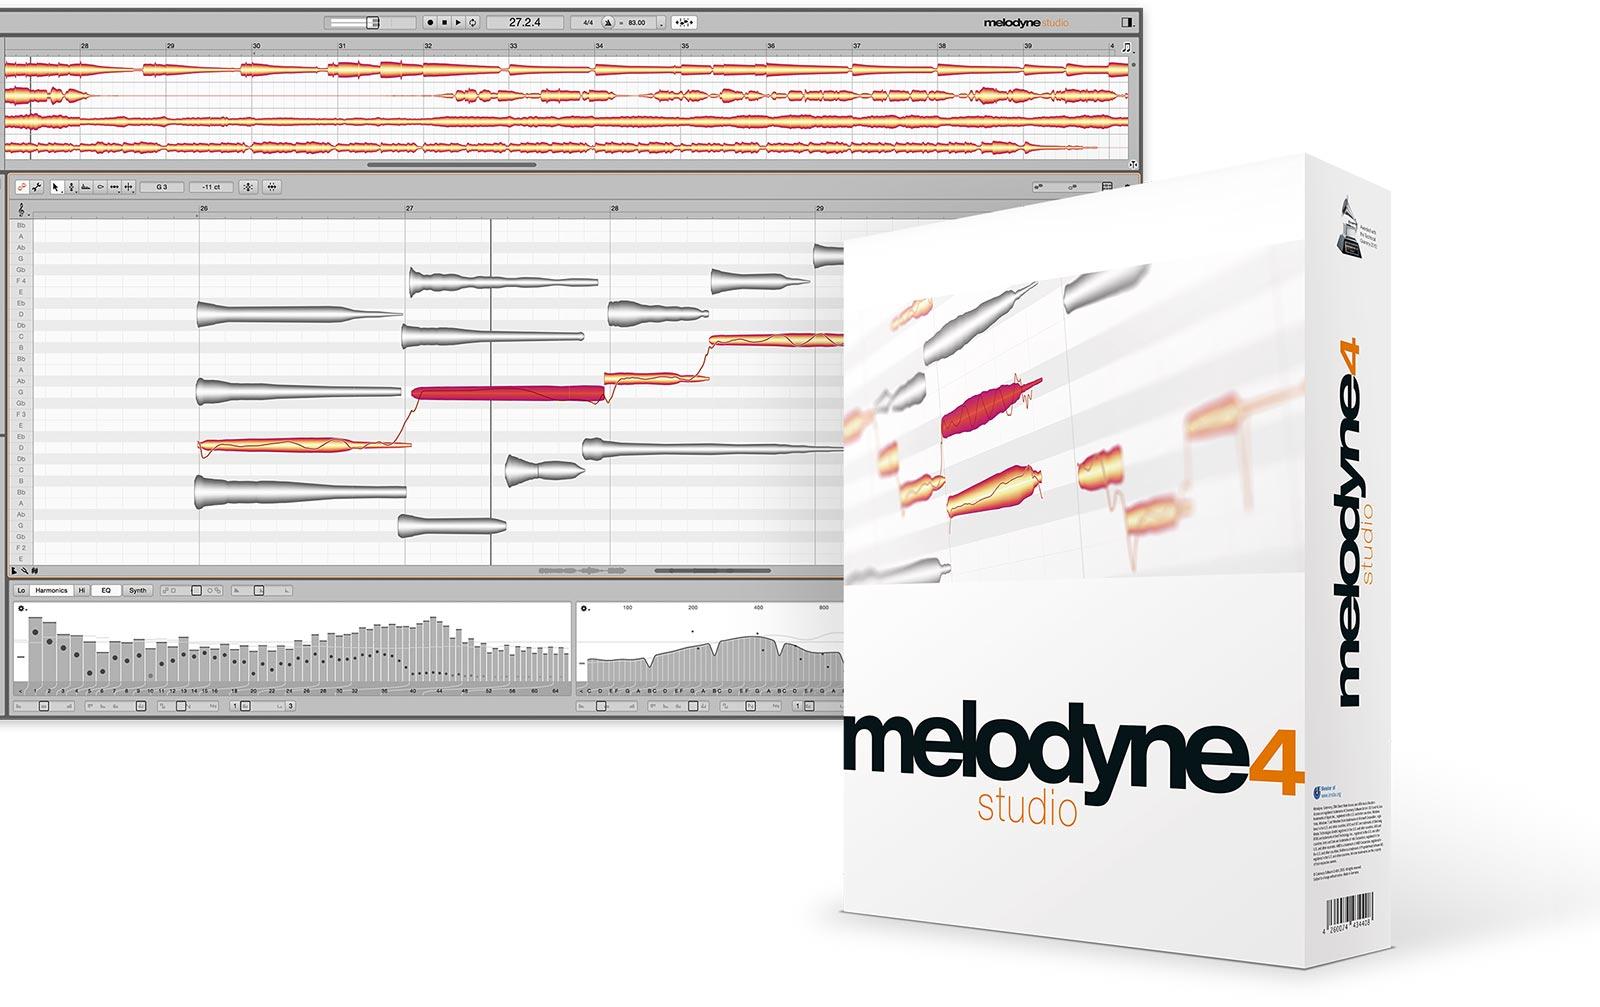 celemony-melodyne-4-studio-upgrade-von-melodyne-uno-oder-plugin